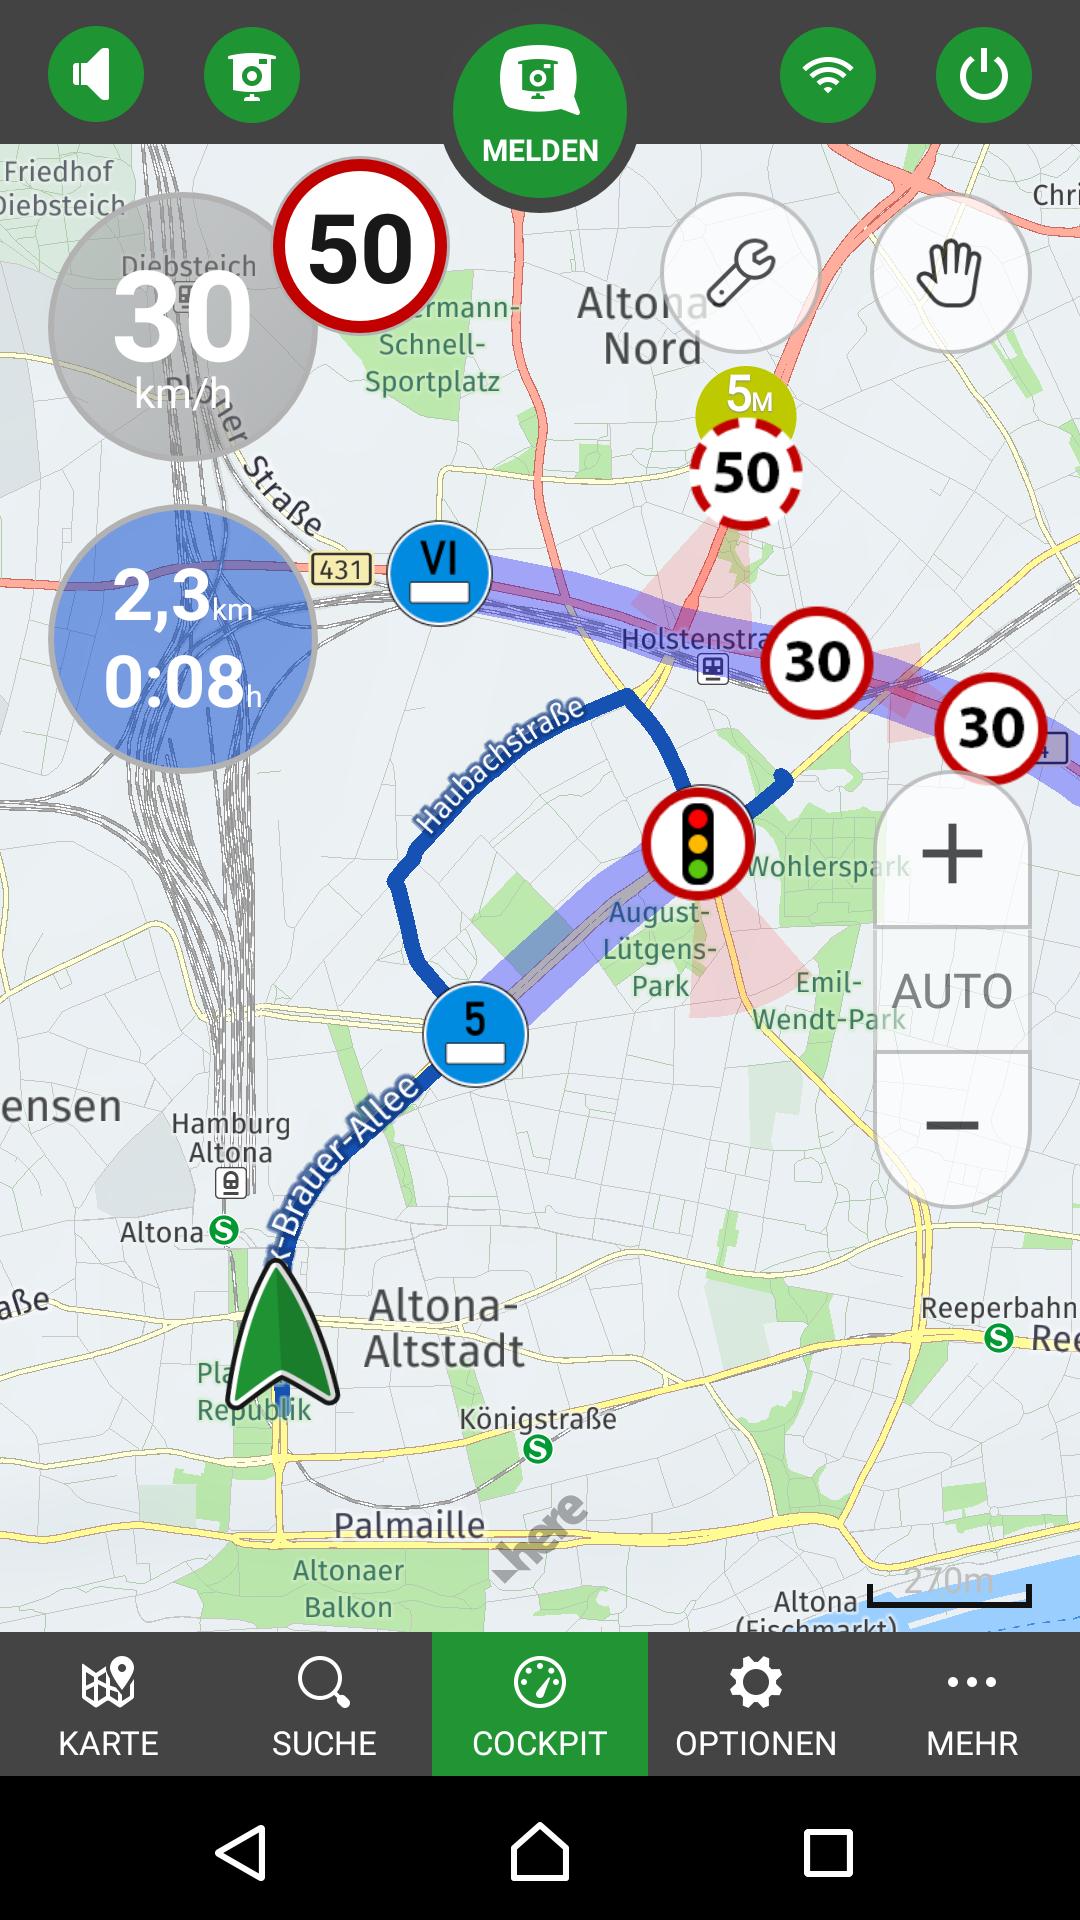 Mobile Blitzer Karte.Poibase App Umfahrt Dieselfahrverbote Pocketnavigation De